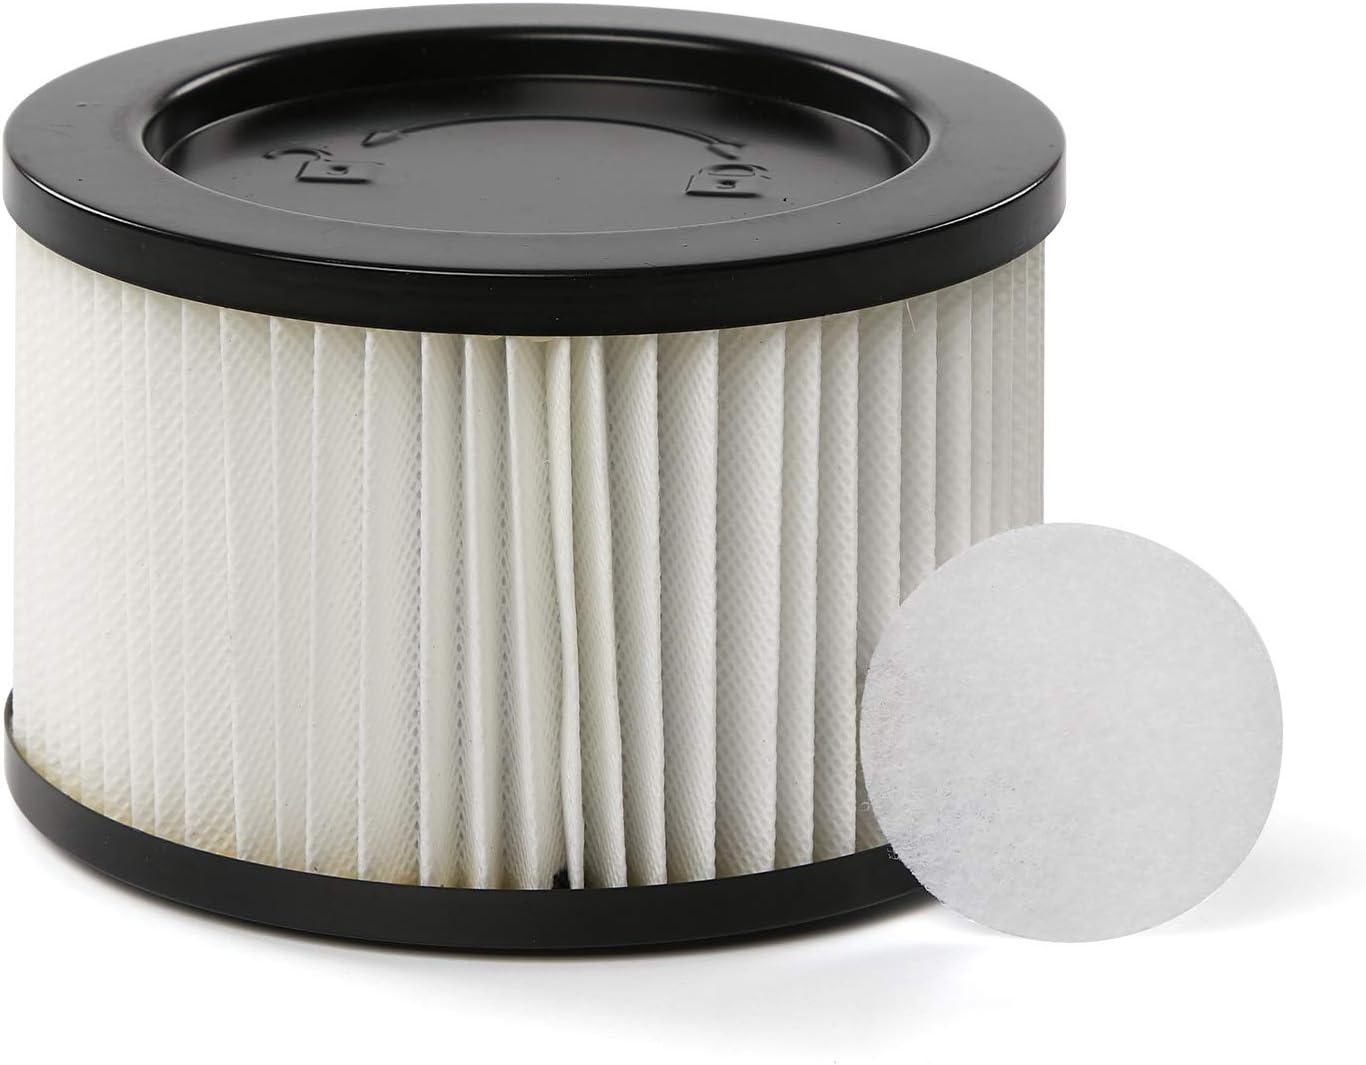 CRAFTSMAN 43268 Ash Vacuum HEPA Media Replacement Filter for 5 Gallon Ash Vac